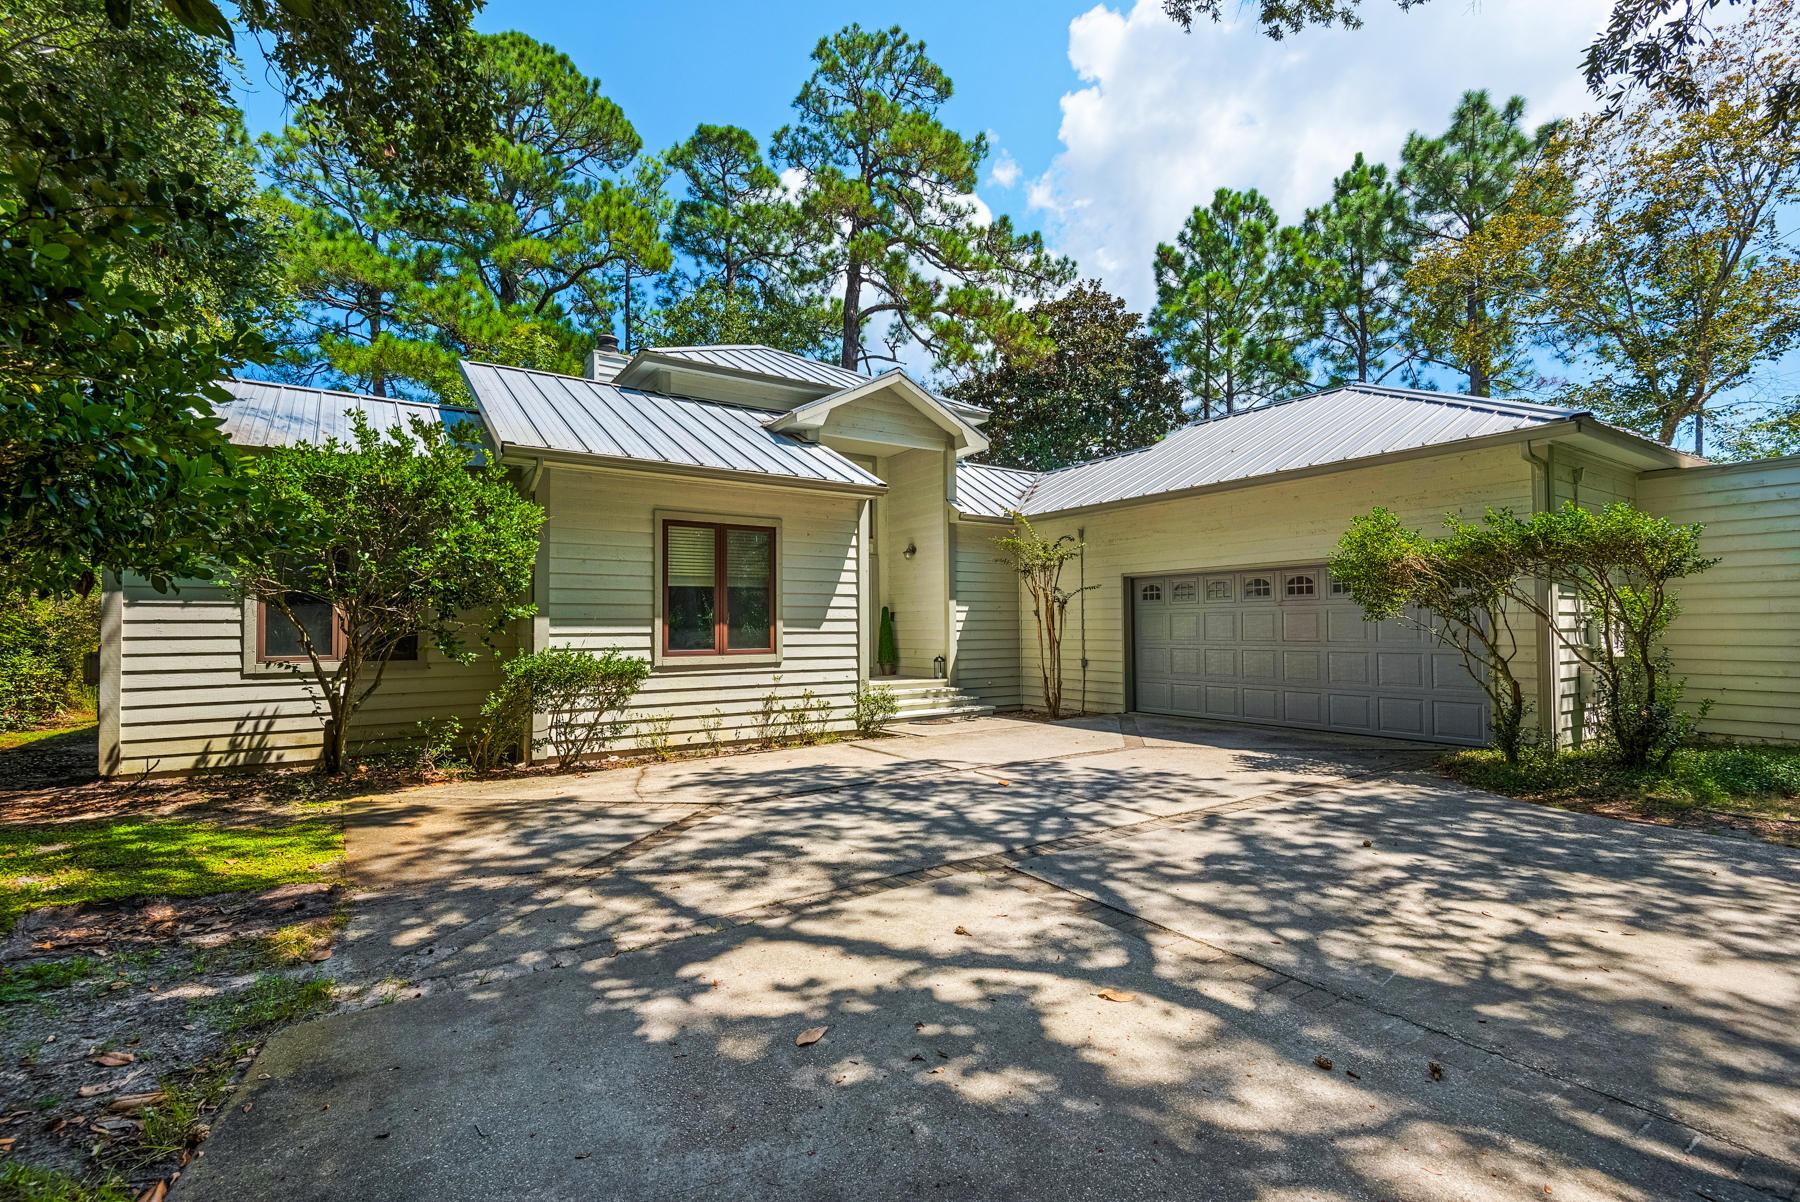 Santa Rosa Beach, FL Real Estate Property - MLS#831462